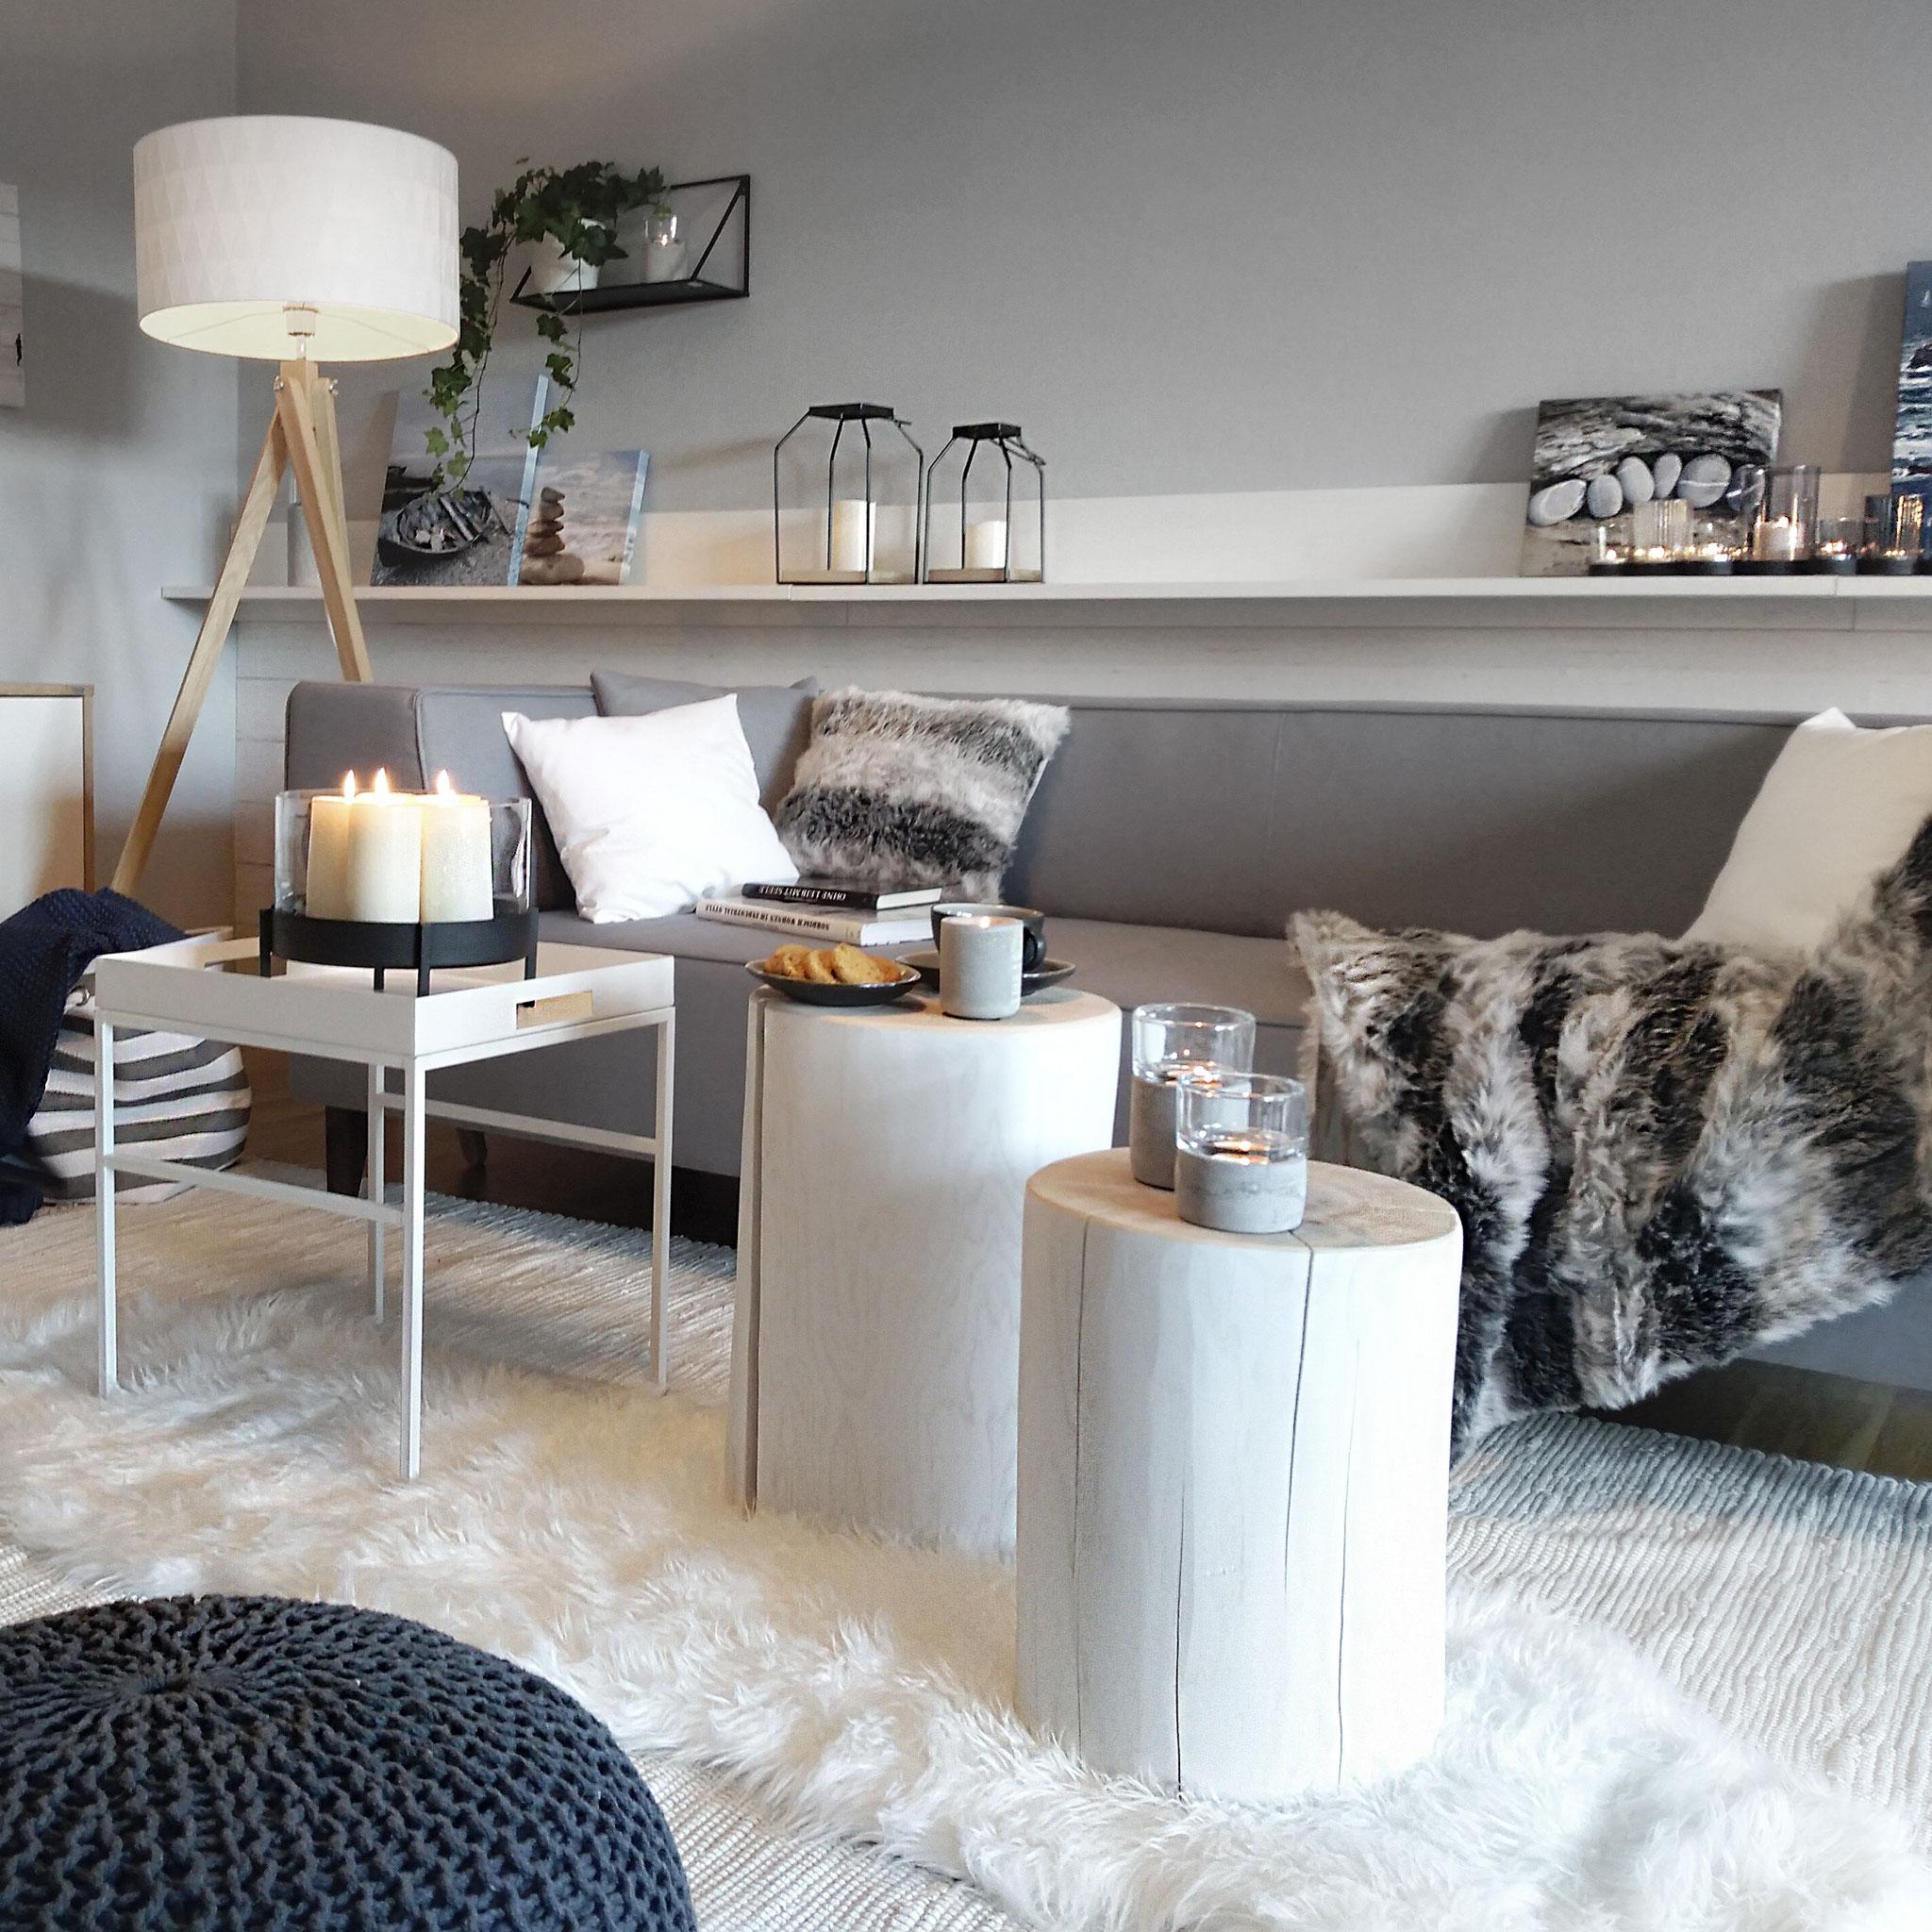 STIL NORDIC NATURAL: Nordische Klarheit und Frische, natürliche Materialien und eine ruhige, reduzierte Farbpalette – dieser Stil wirkt wie eine kleine Auszeit von der hektischen Außenwelt.